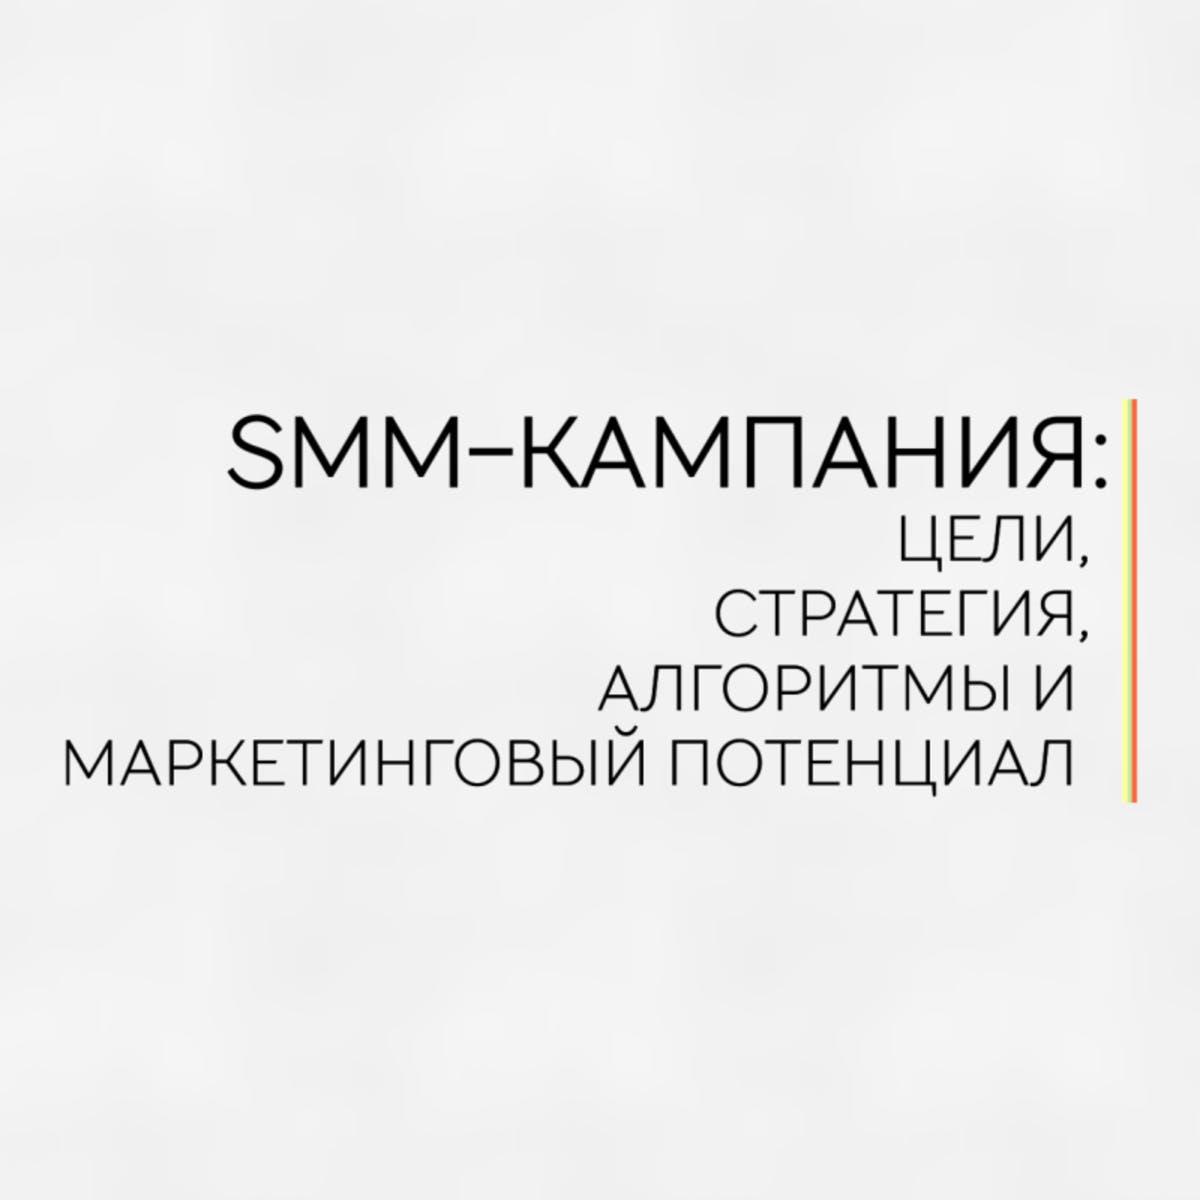 SMM-кампания: цели, стратегия, алгоритмы и маркетинговый потенциал